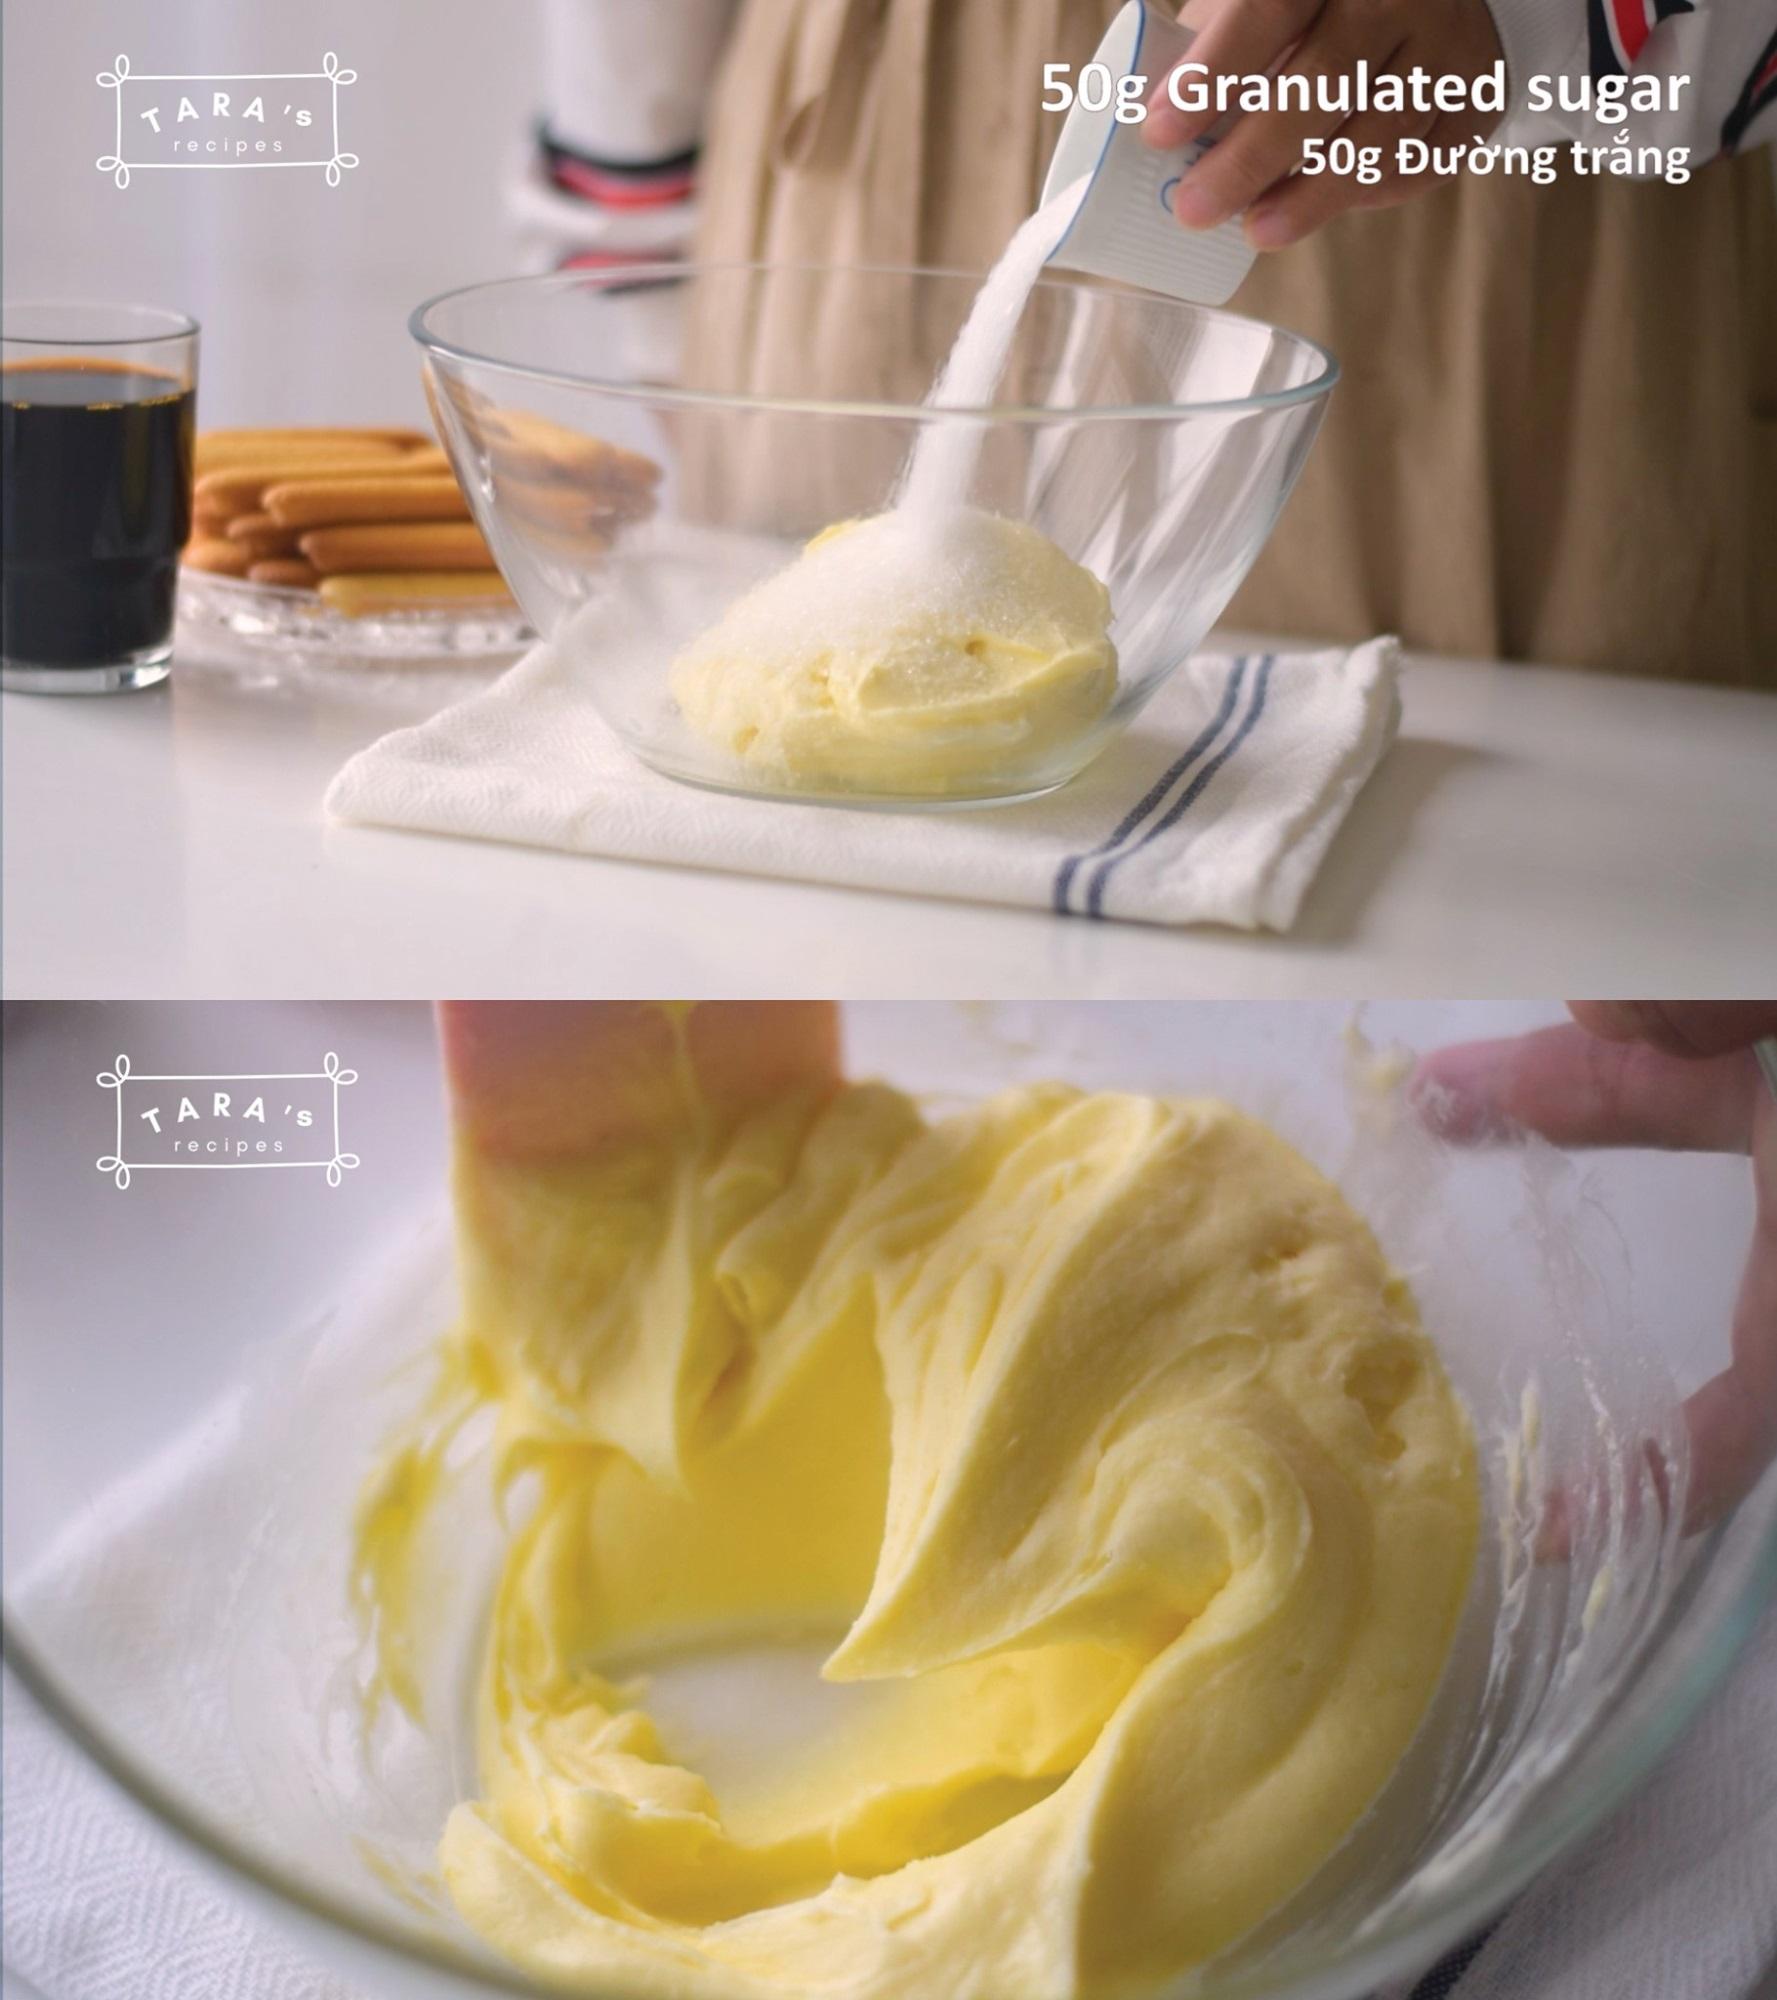 Cách làm bánh Tiramisu 'siêu tốc' - không cần lò nướng, không cần máy đánh trứng, không trứng gà - Ảnh 2